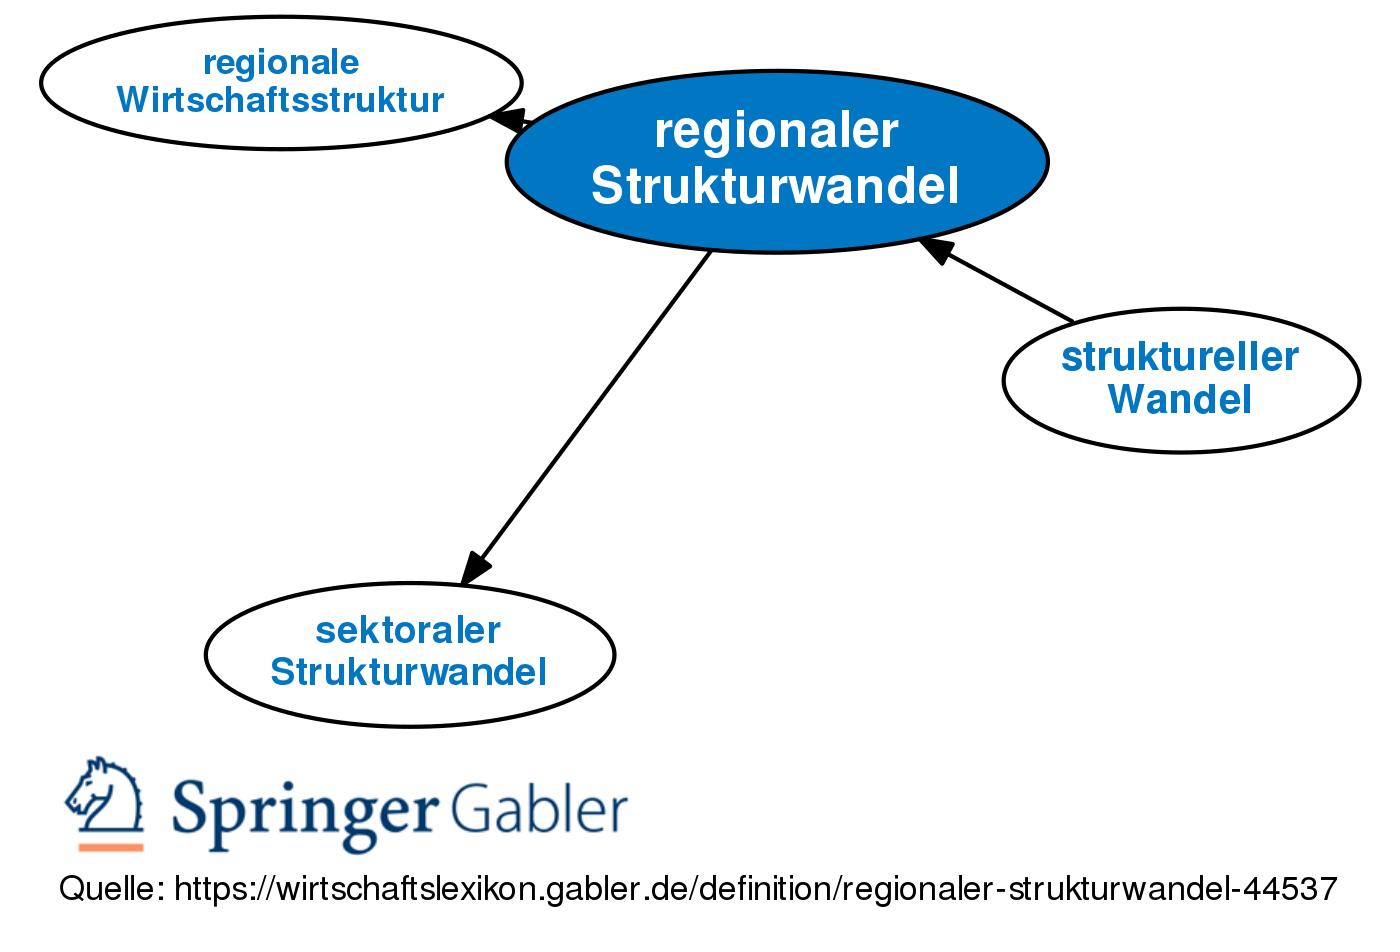 Regionaler Strukturwandel Definition Gabler Wirtschaftslexikon